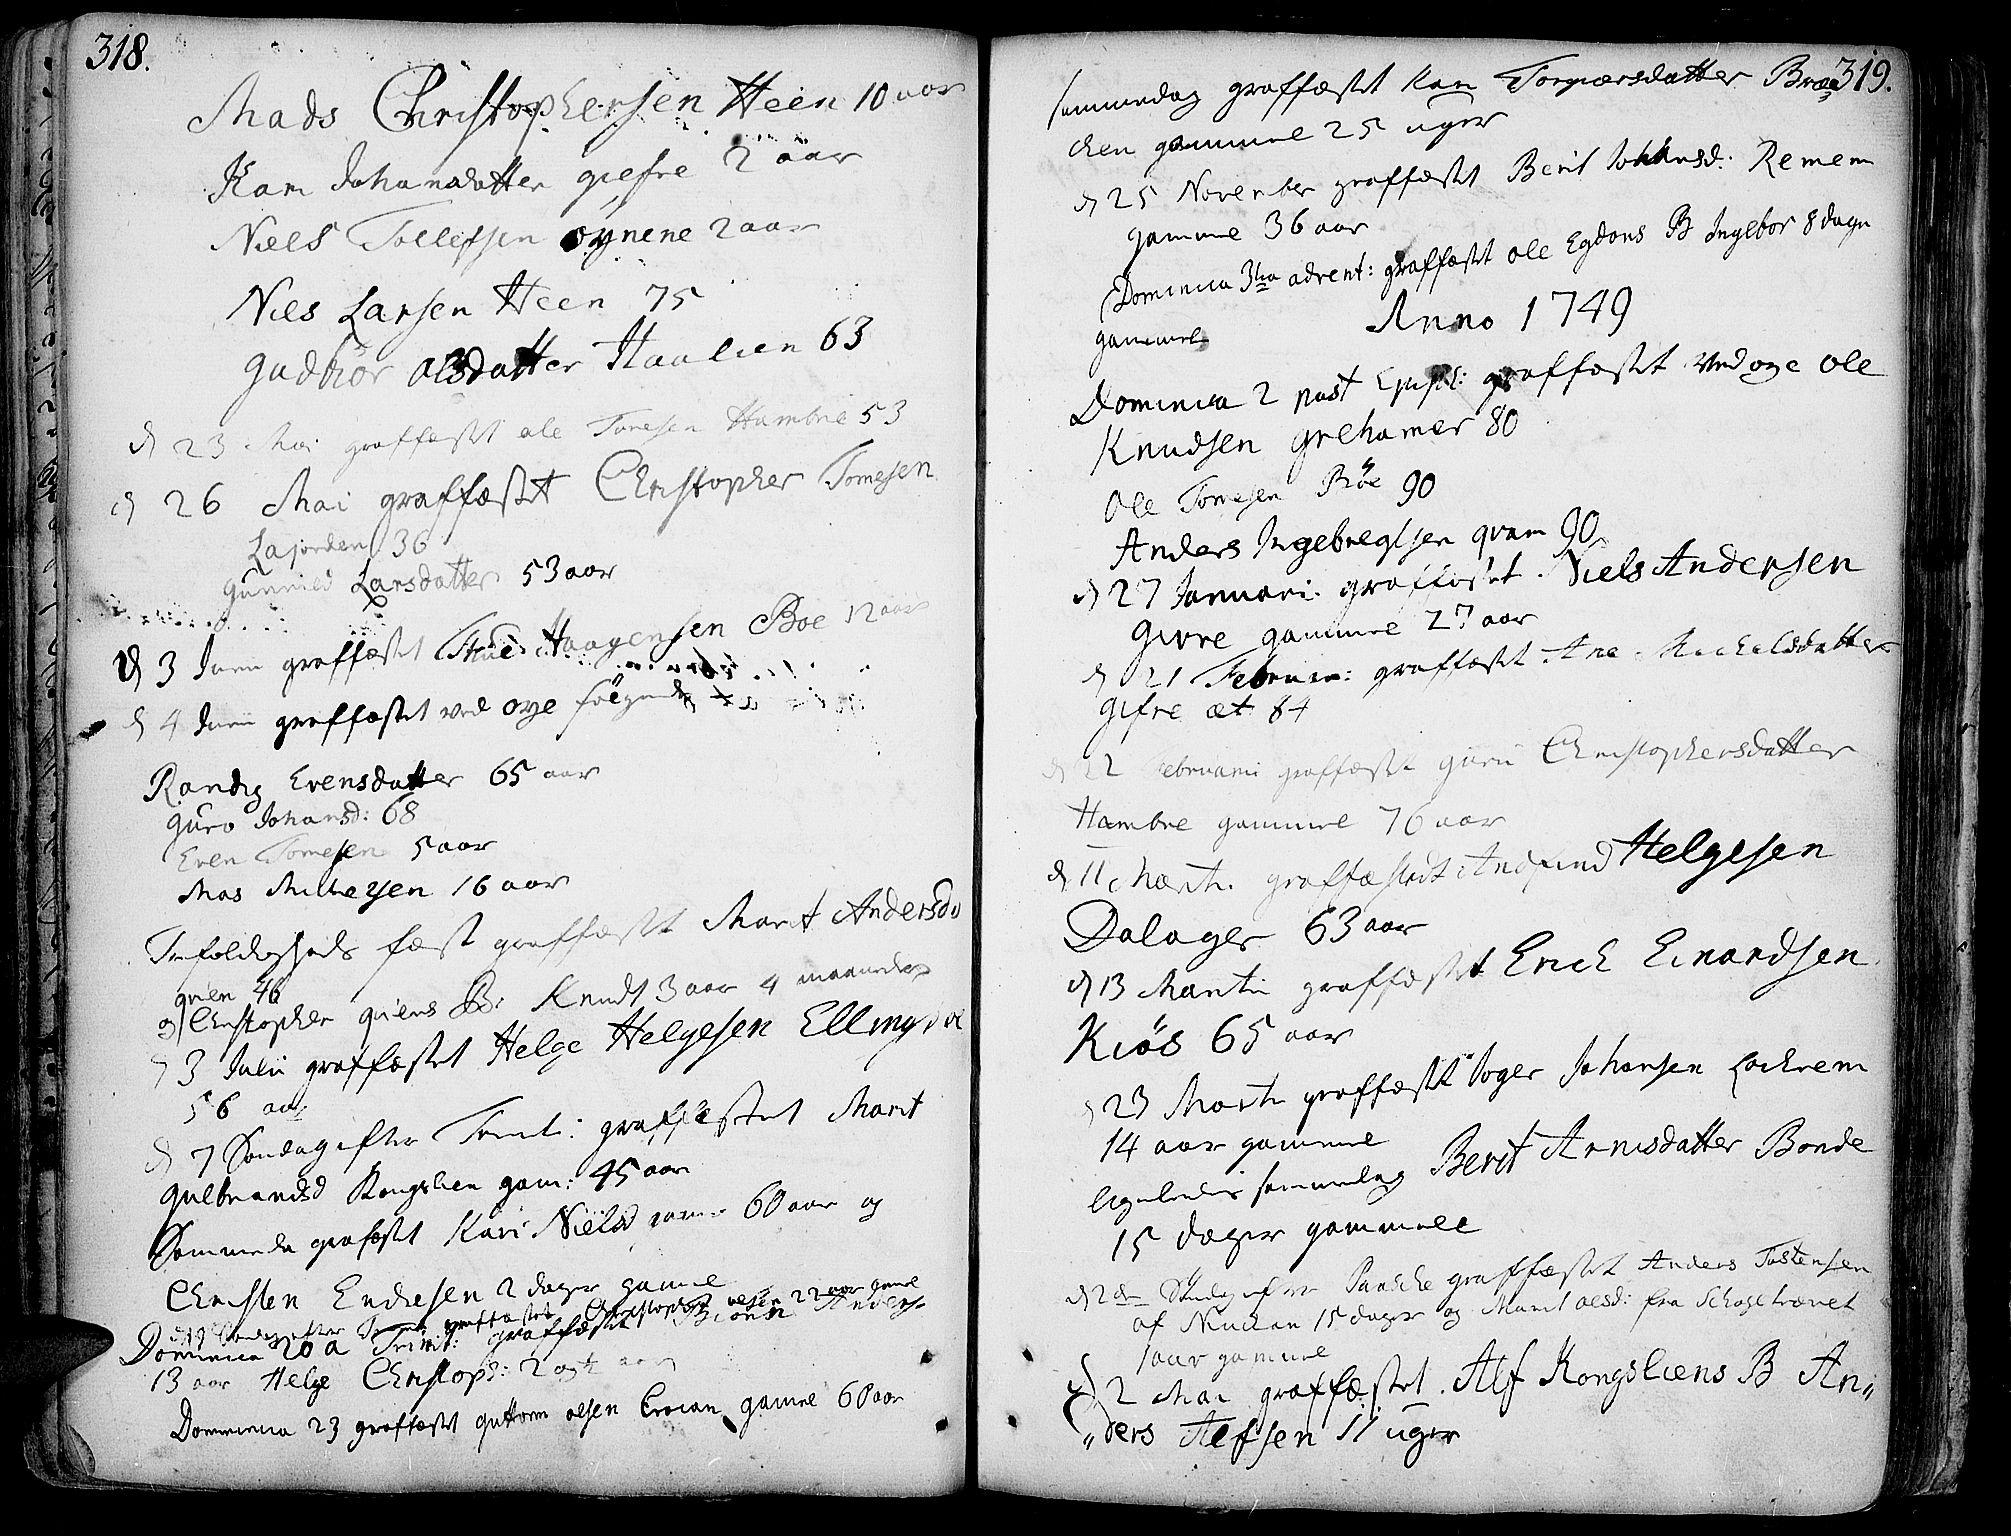 SAH, Vang prestekontor, Valdres, Ministerialbok nr. 1, 1730-1796, s. 318-319